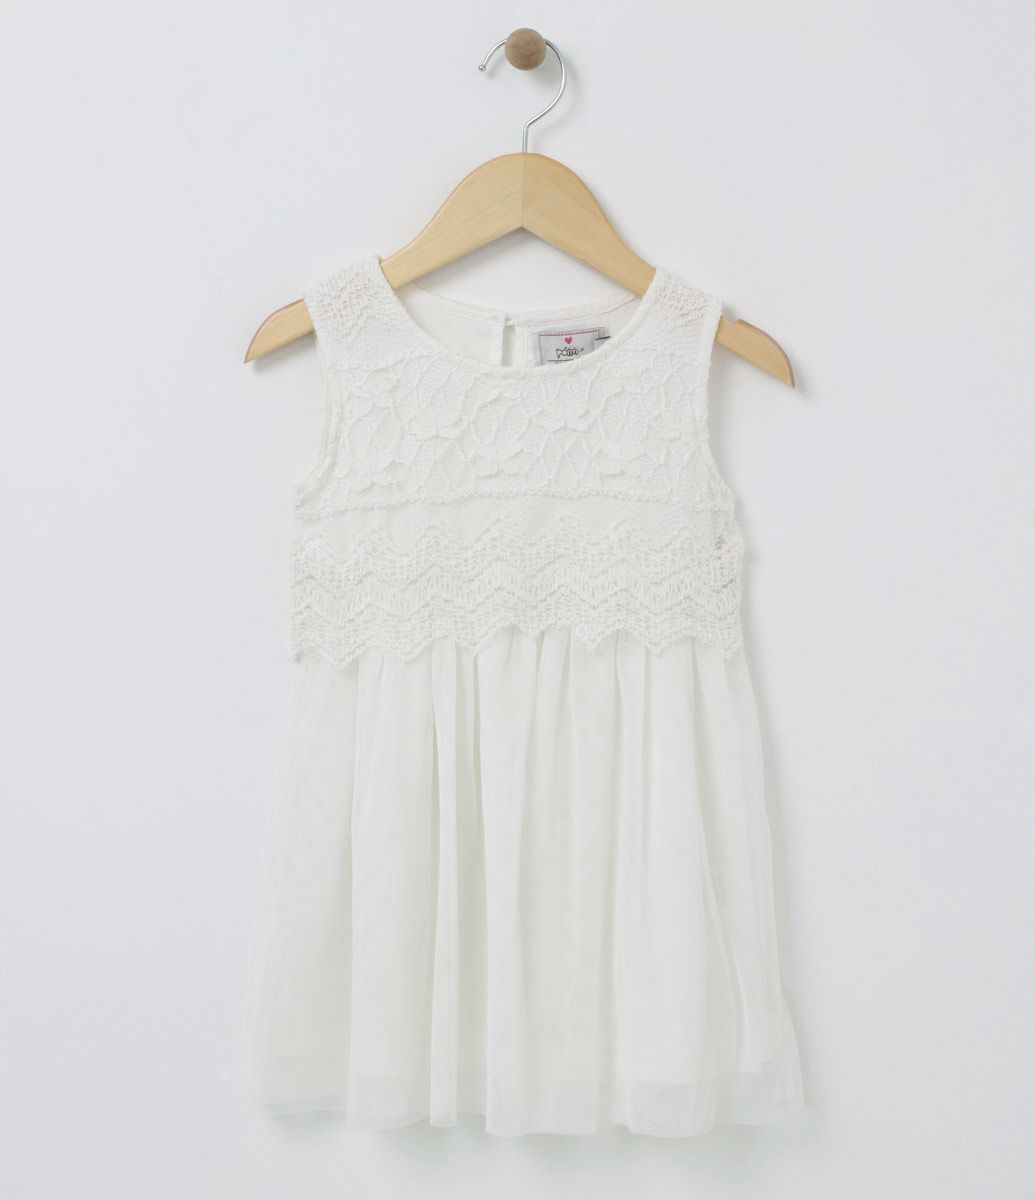 903c0937bf14 Vestido Infantil Sem manga Gola redonda Com renda Saia com Tule Marca: Póim  Tecido: